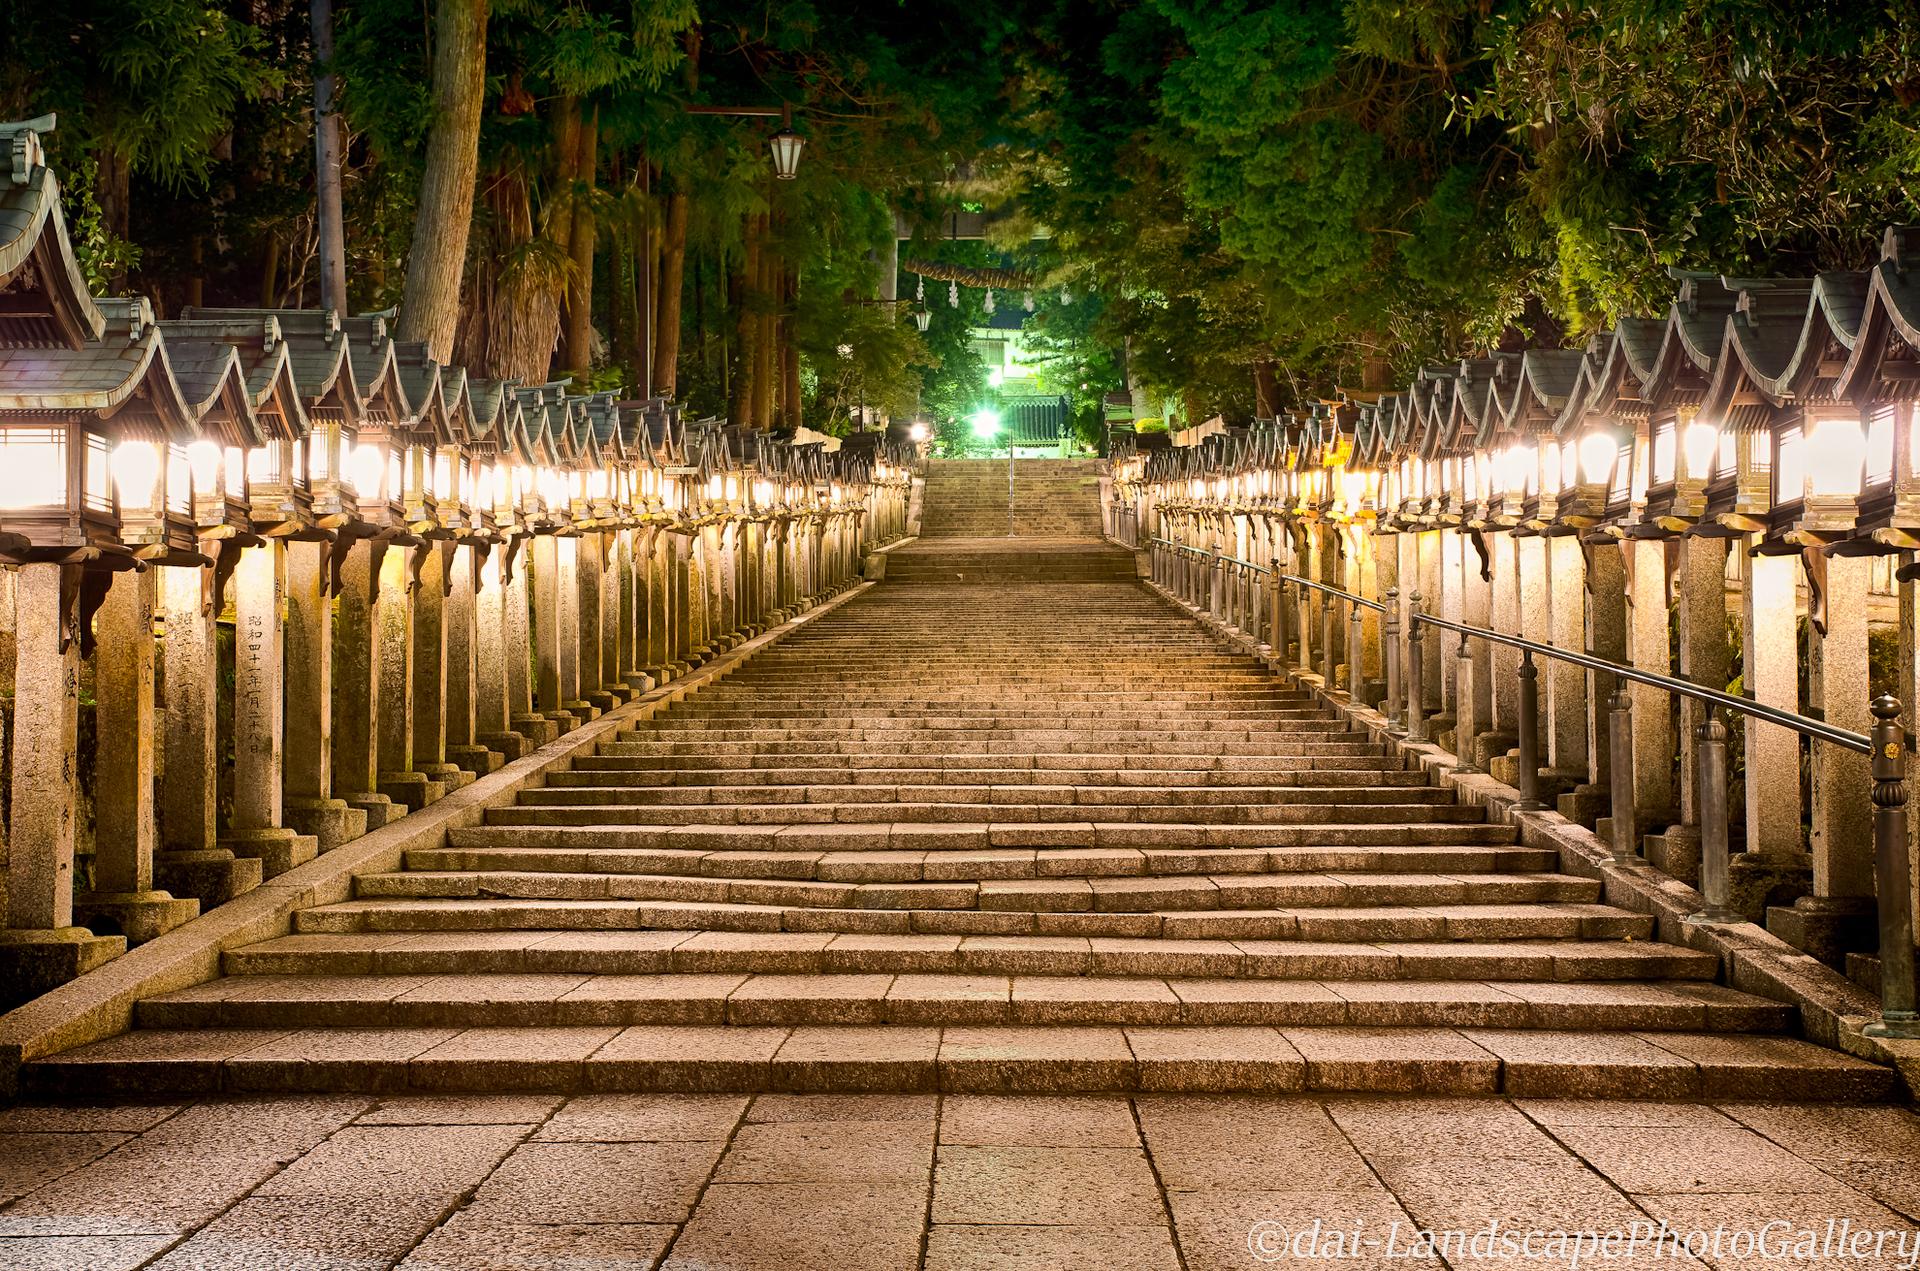 夜の寳山寺参道【HDRi】